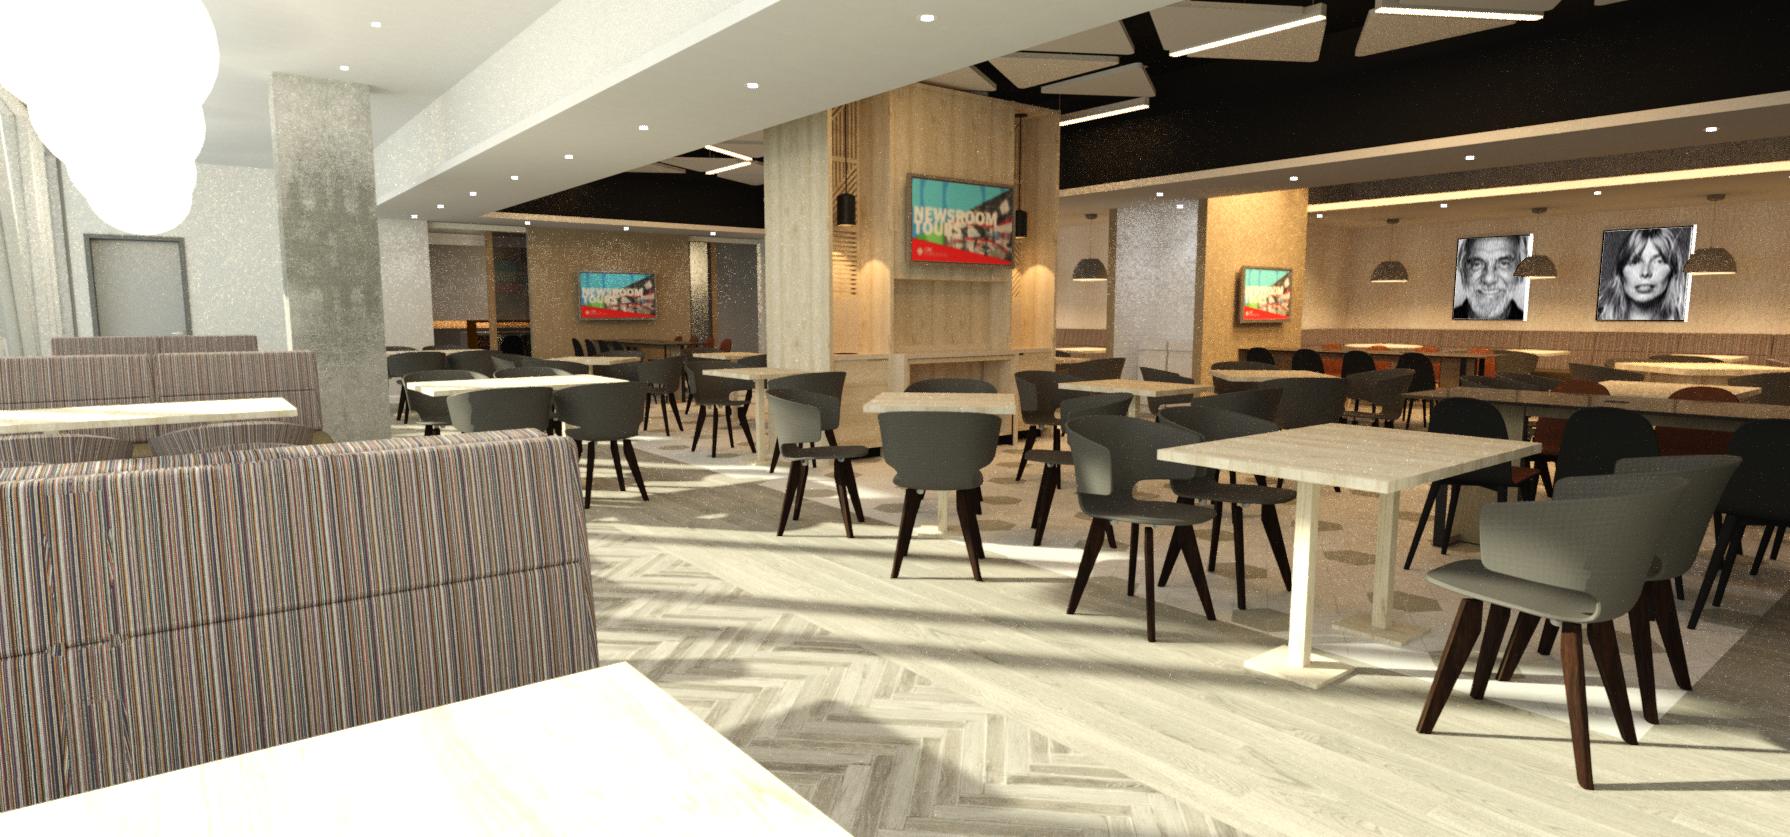 2018-13-29-renderings-diningpng